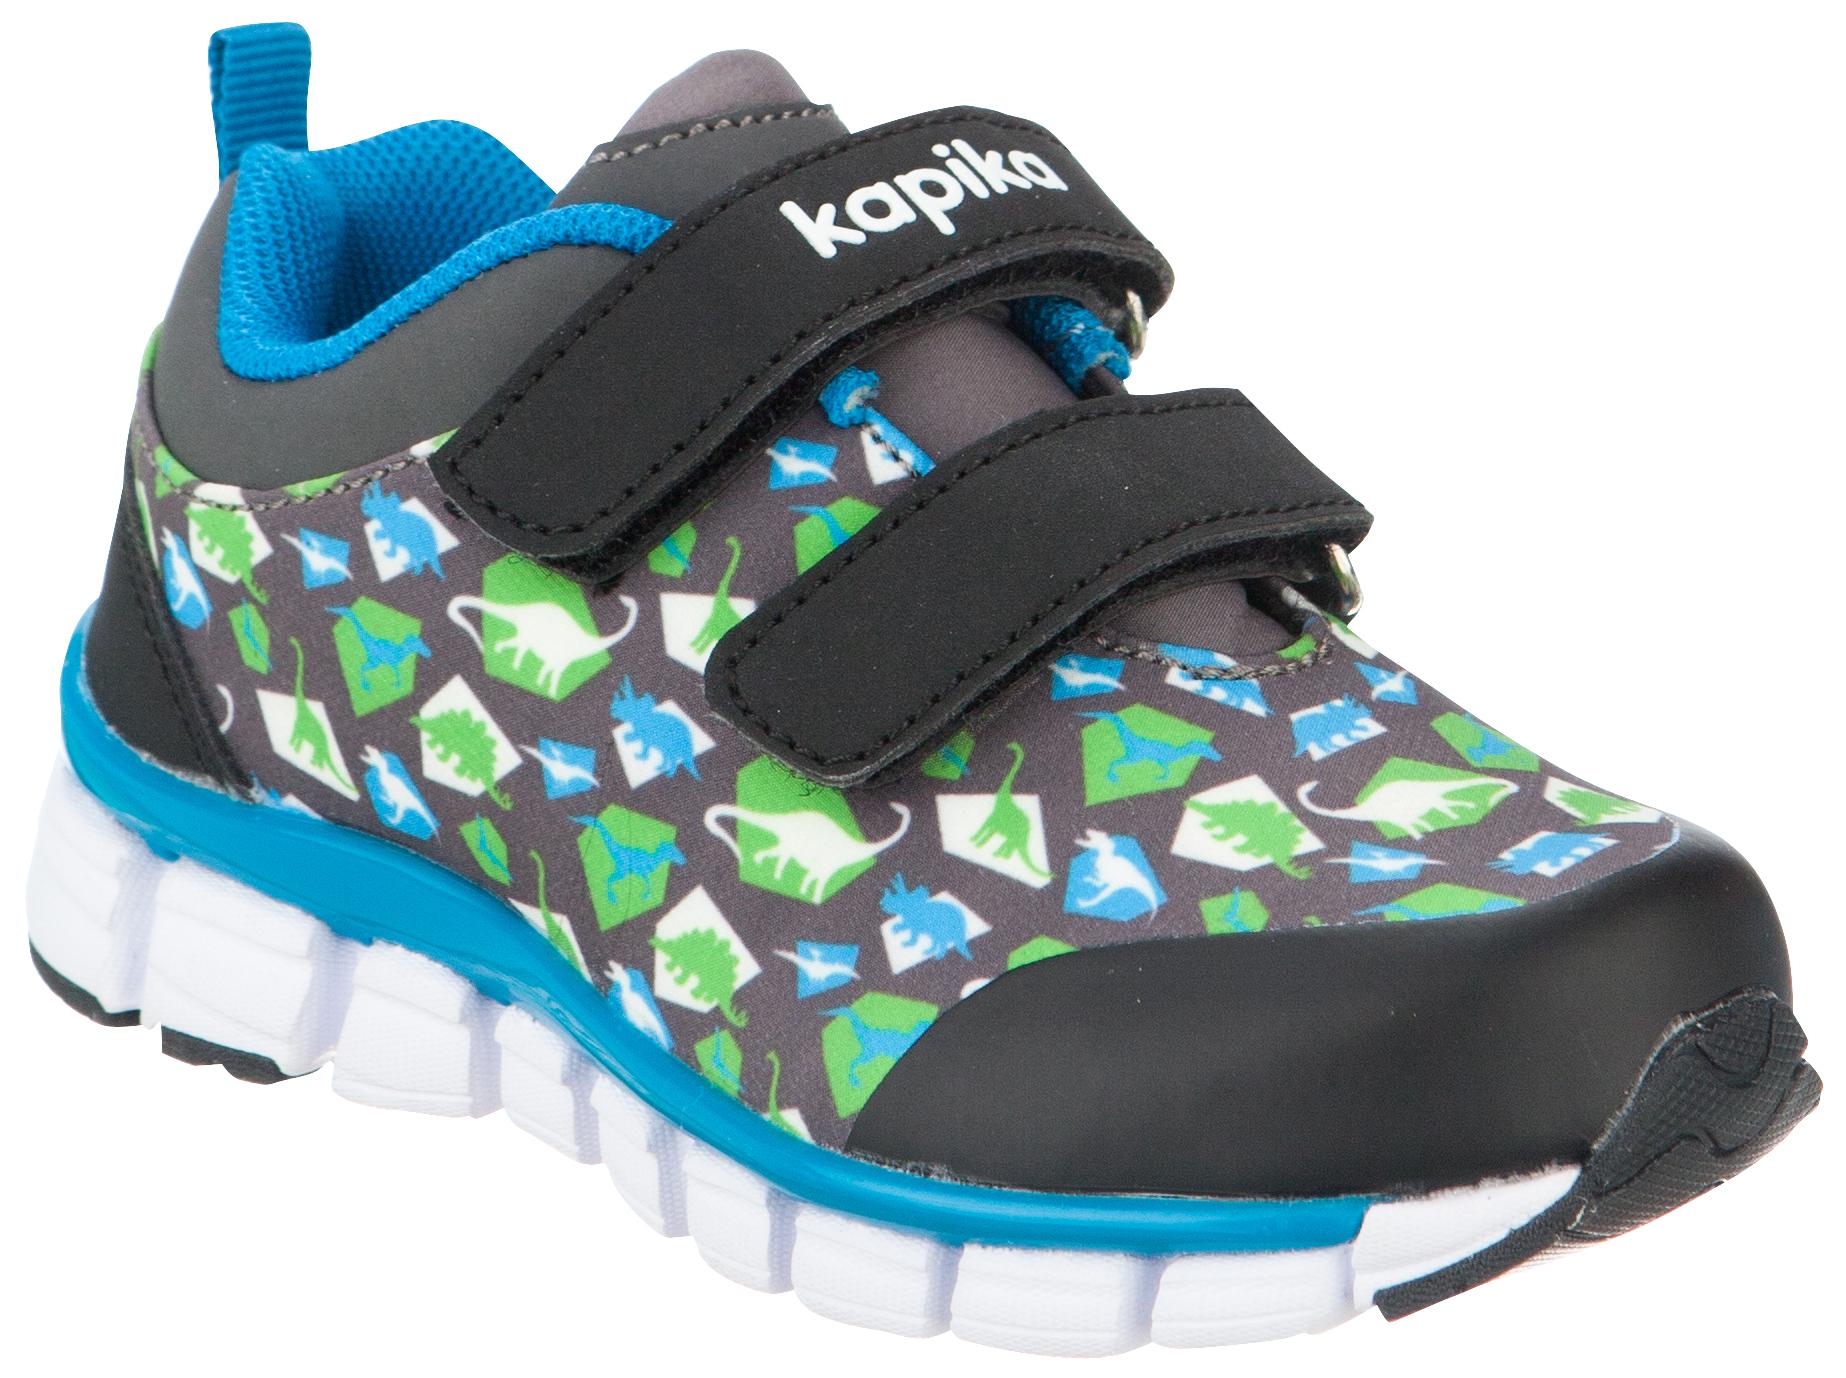 Кроссовки для мальчика Kapika, цвет: серый, черный, салатовый. 71069с-2. Размер 2171069с-2Модные кроссовки для мальчика от Kapika выполнены из текстиля и искусственной кожи. Подкладка из текстиля не натирает. Стелька из натуральной кожи комфортна при движении. Ремешки с застежками-липучками надежно зафиксируют модель на ноге. Подошва дополнена рифлением.